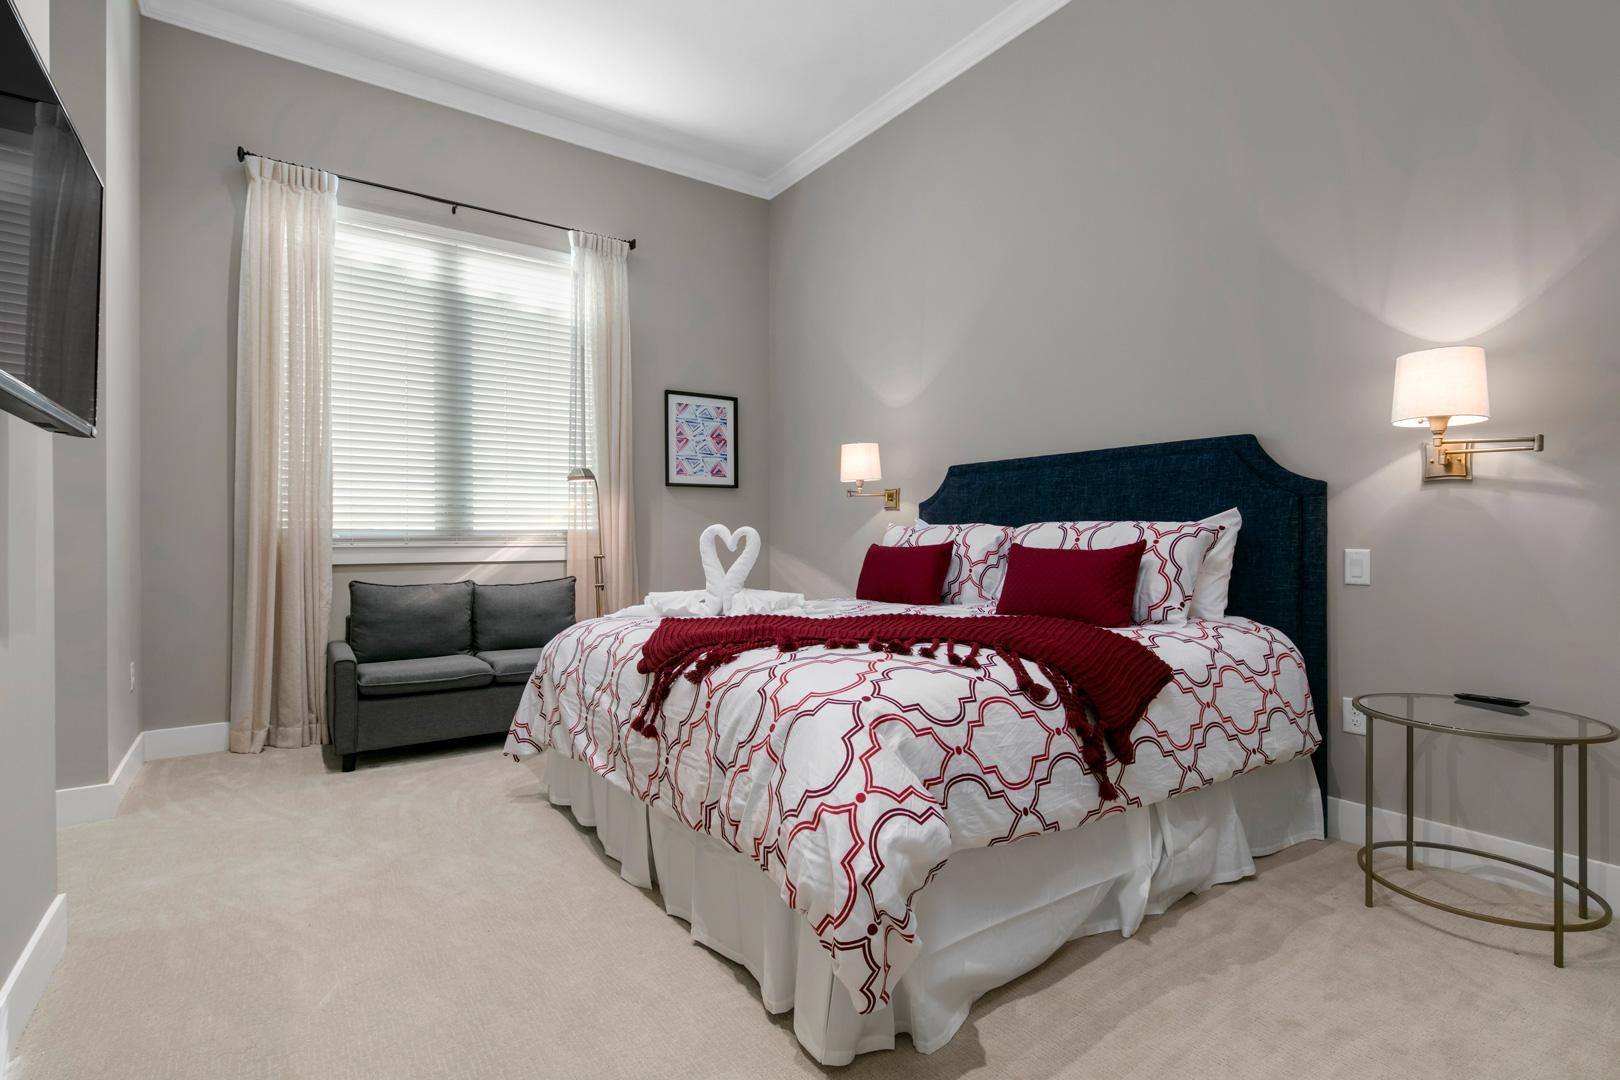 Bedrooms1